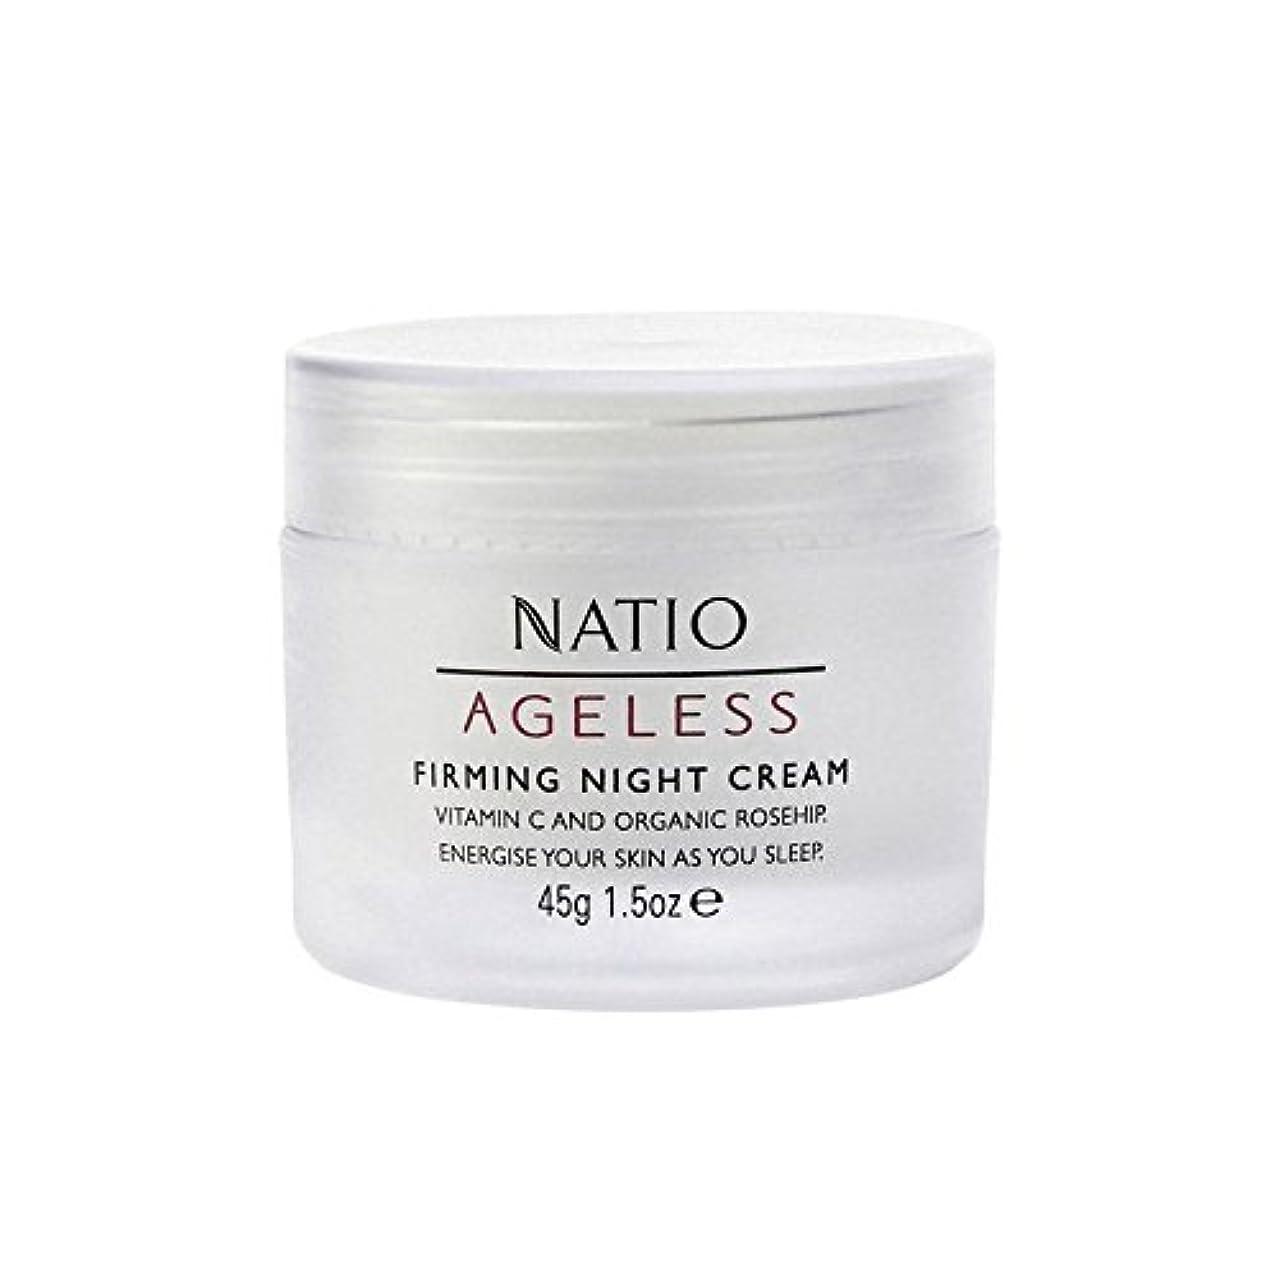 開発する複製する傾向Natio Ageless Firming Night Cream (45G) - 永遠ファーミングナイトクリーム(45グラム) [並行輸入品]